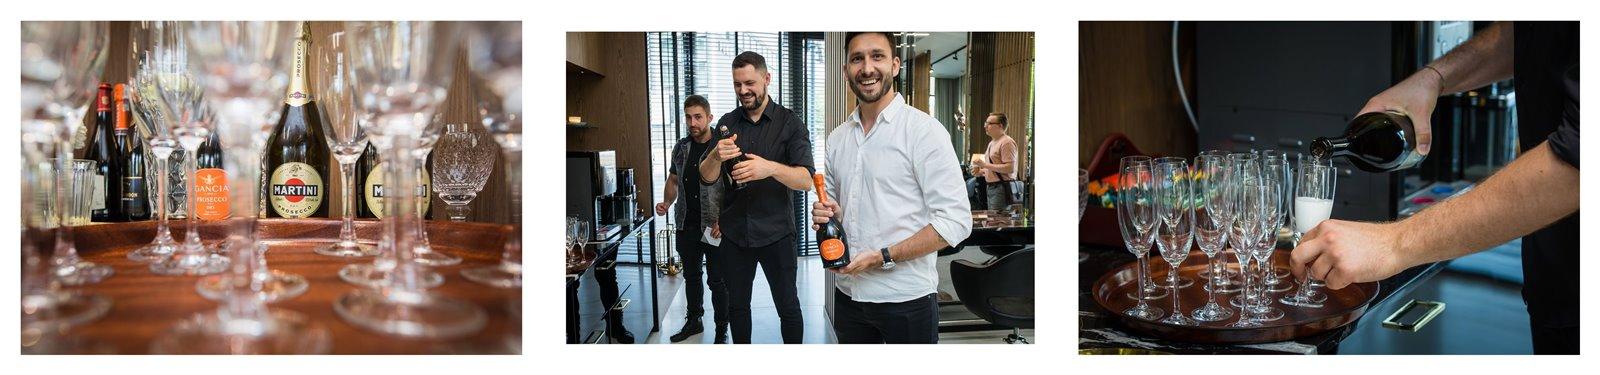 3  bc fibre clinix pielęgnacja opinie recenzja na czym polega schwarzkopf salon fryzjerski LUISSE lodz metamrofoza włosy jak dbać o włosy jak pielęgować co zrobić żeby włosy lśniły i się łatwo rozczesywały